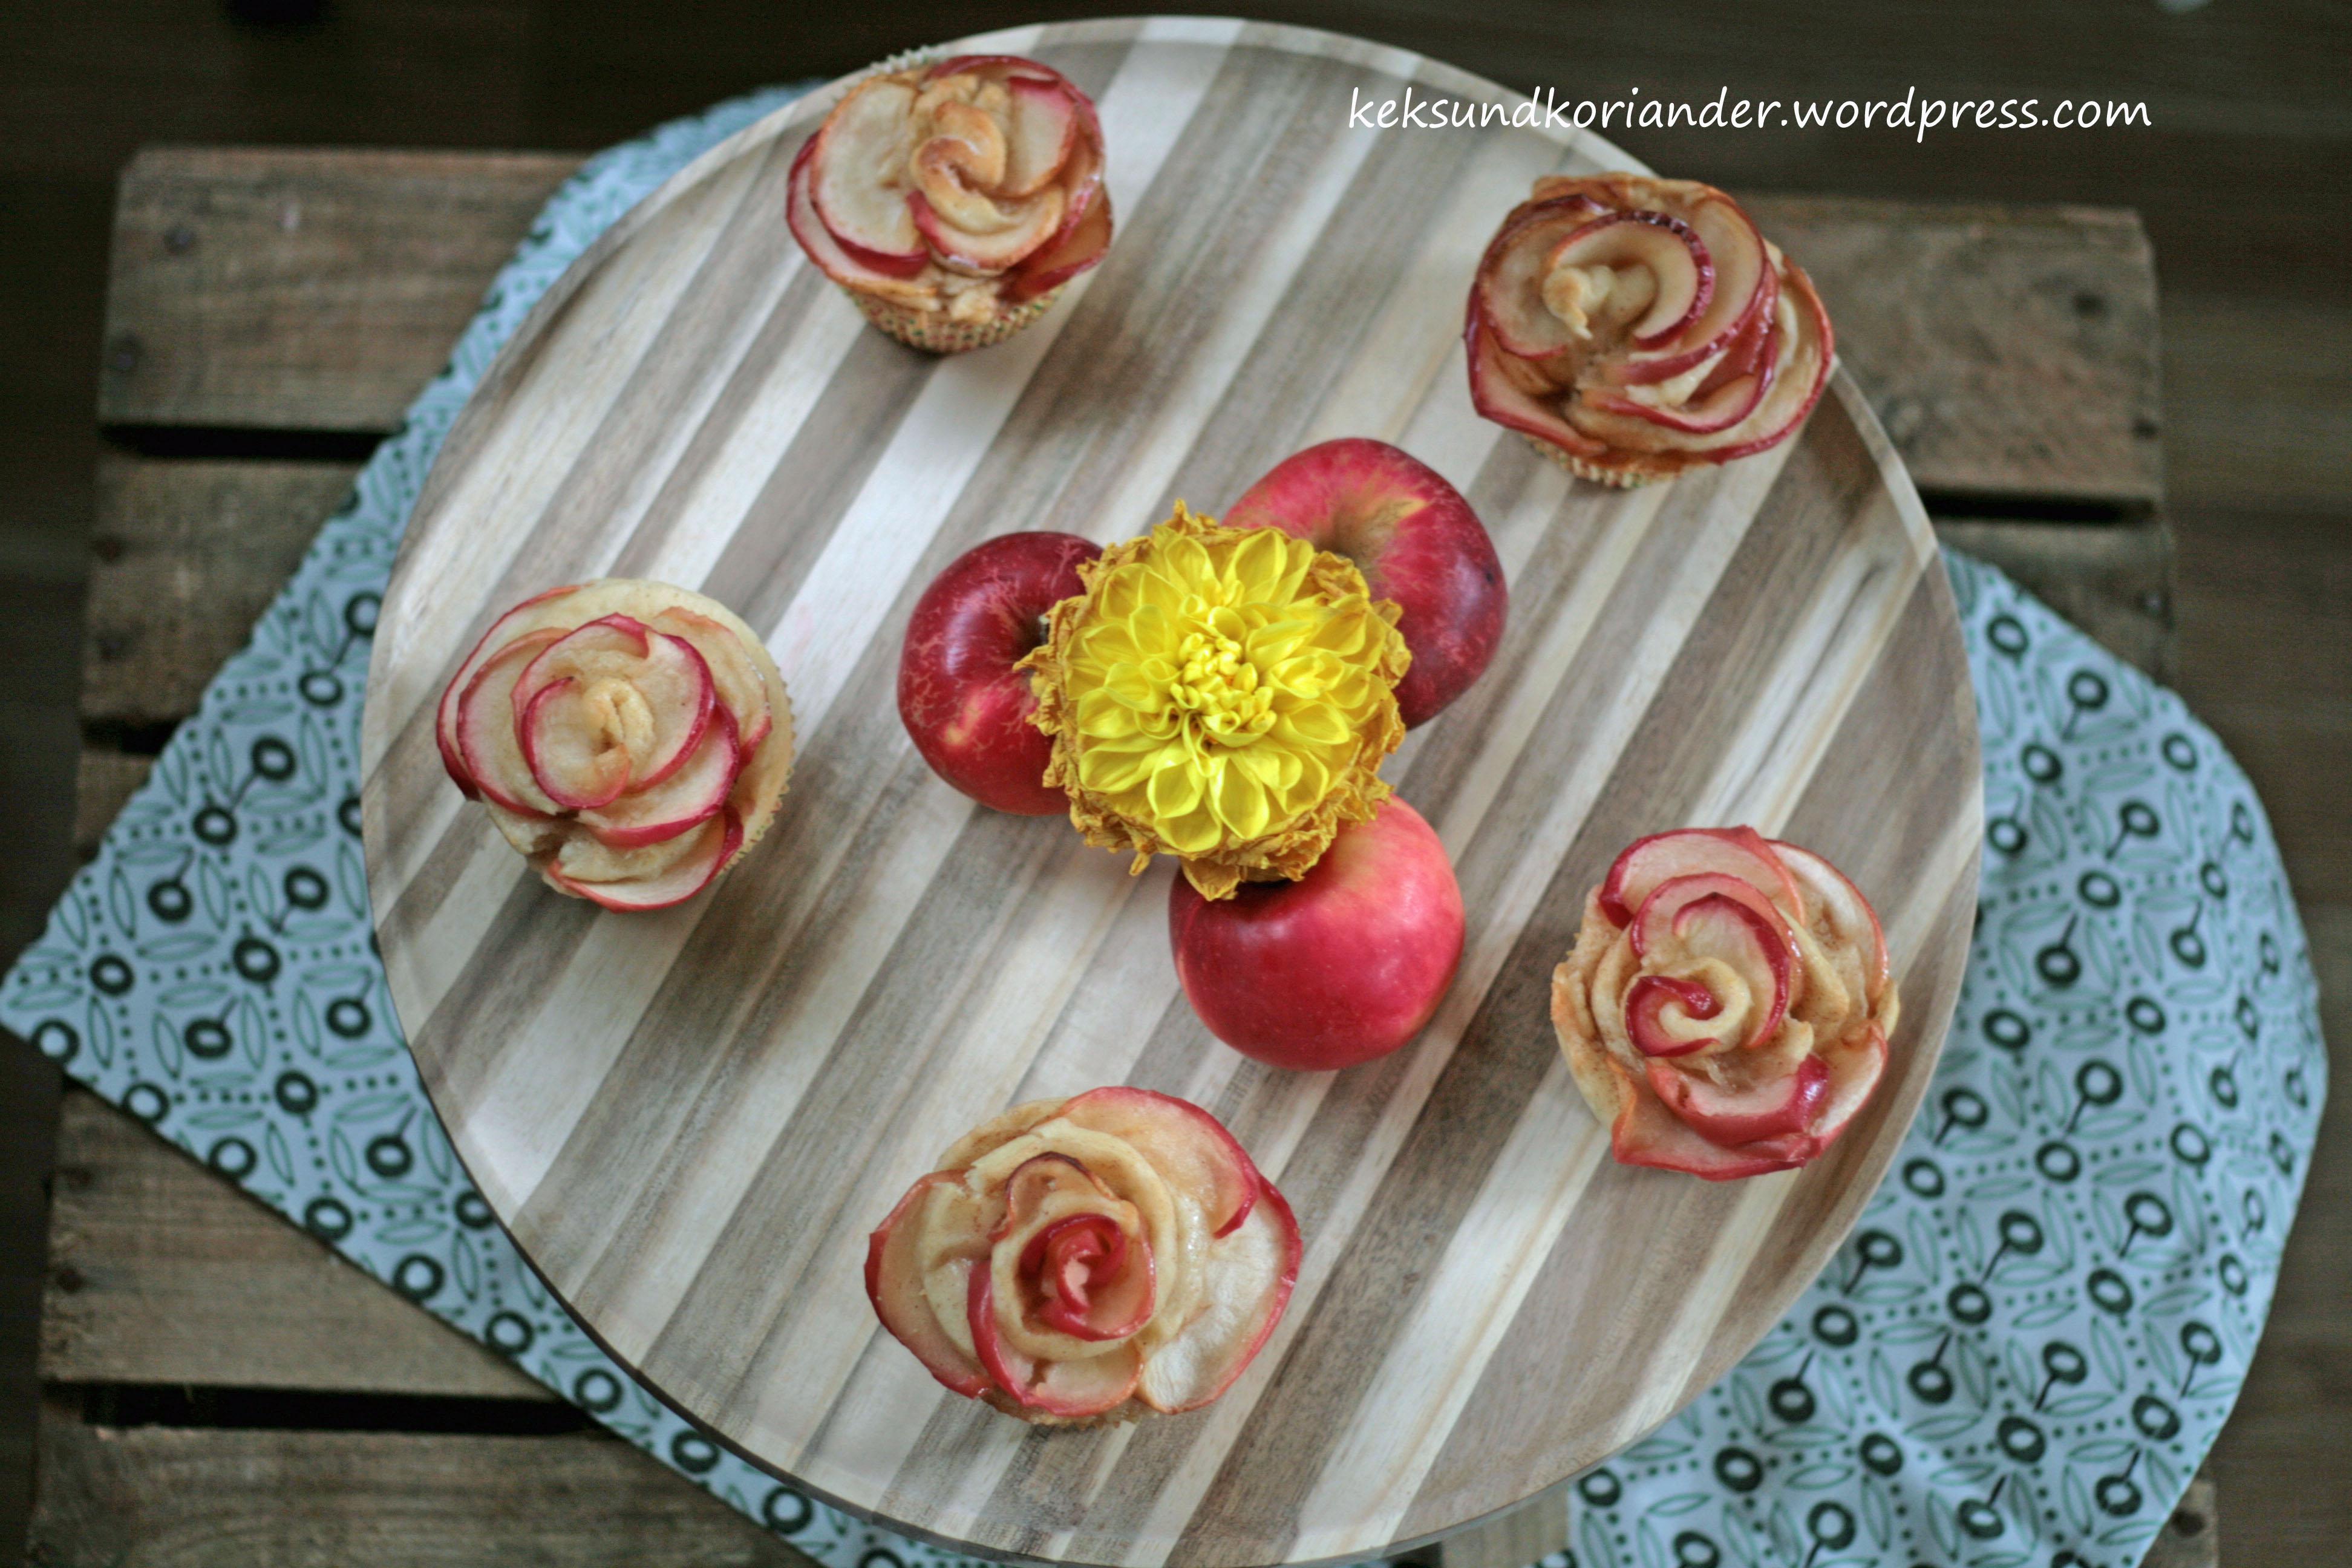 Apfelblumen Muffins Schnecken Joghurt-Öl-Teig Zimt2